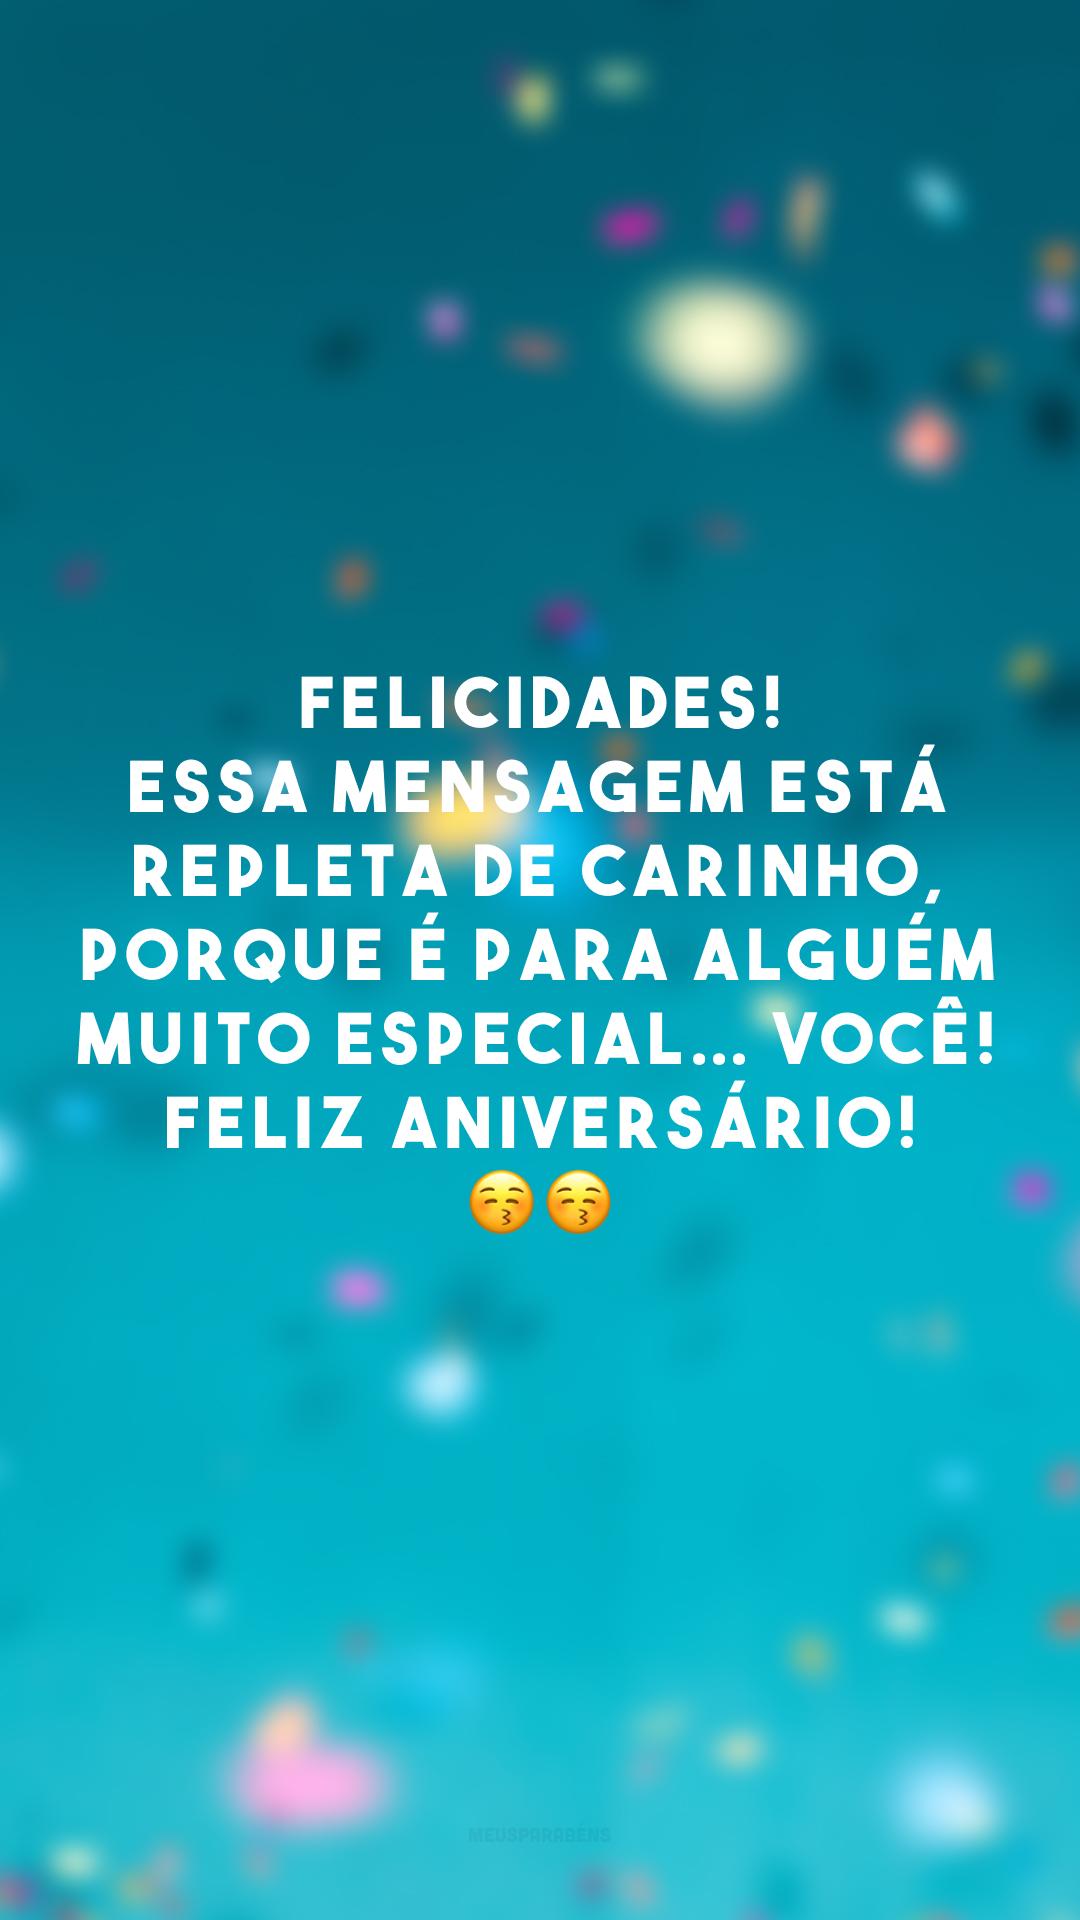 Felicidades! Essa mensagem está repleta de carinho, porque é para alguém muito especial… Você! Feliz aniversário! 😚😚